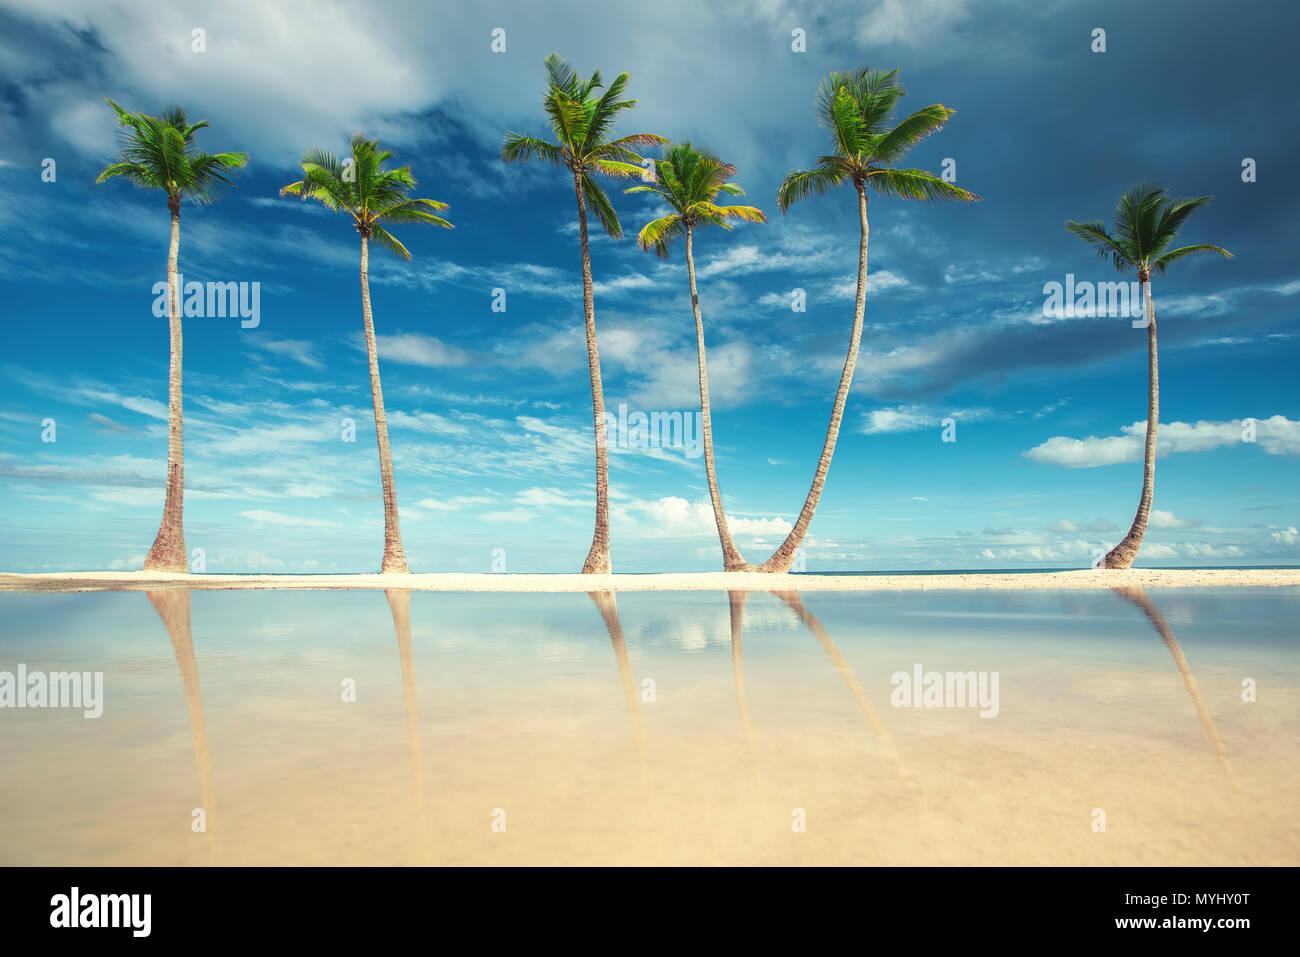 Palmeras de coco en la playa de arena blanca en Punta Cana, República Dominicana. Imagen De Stock